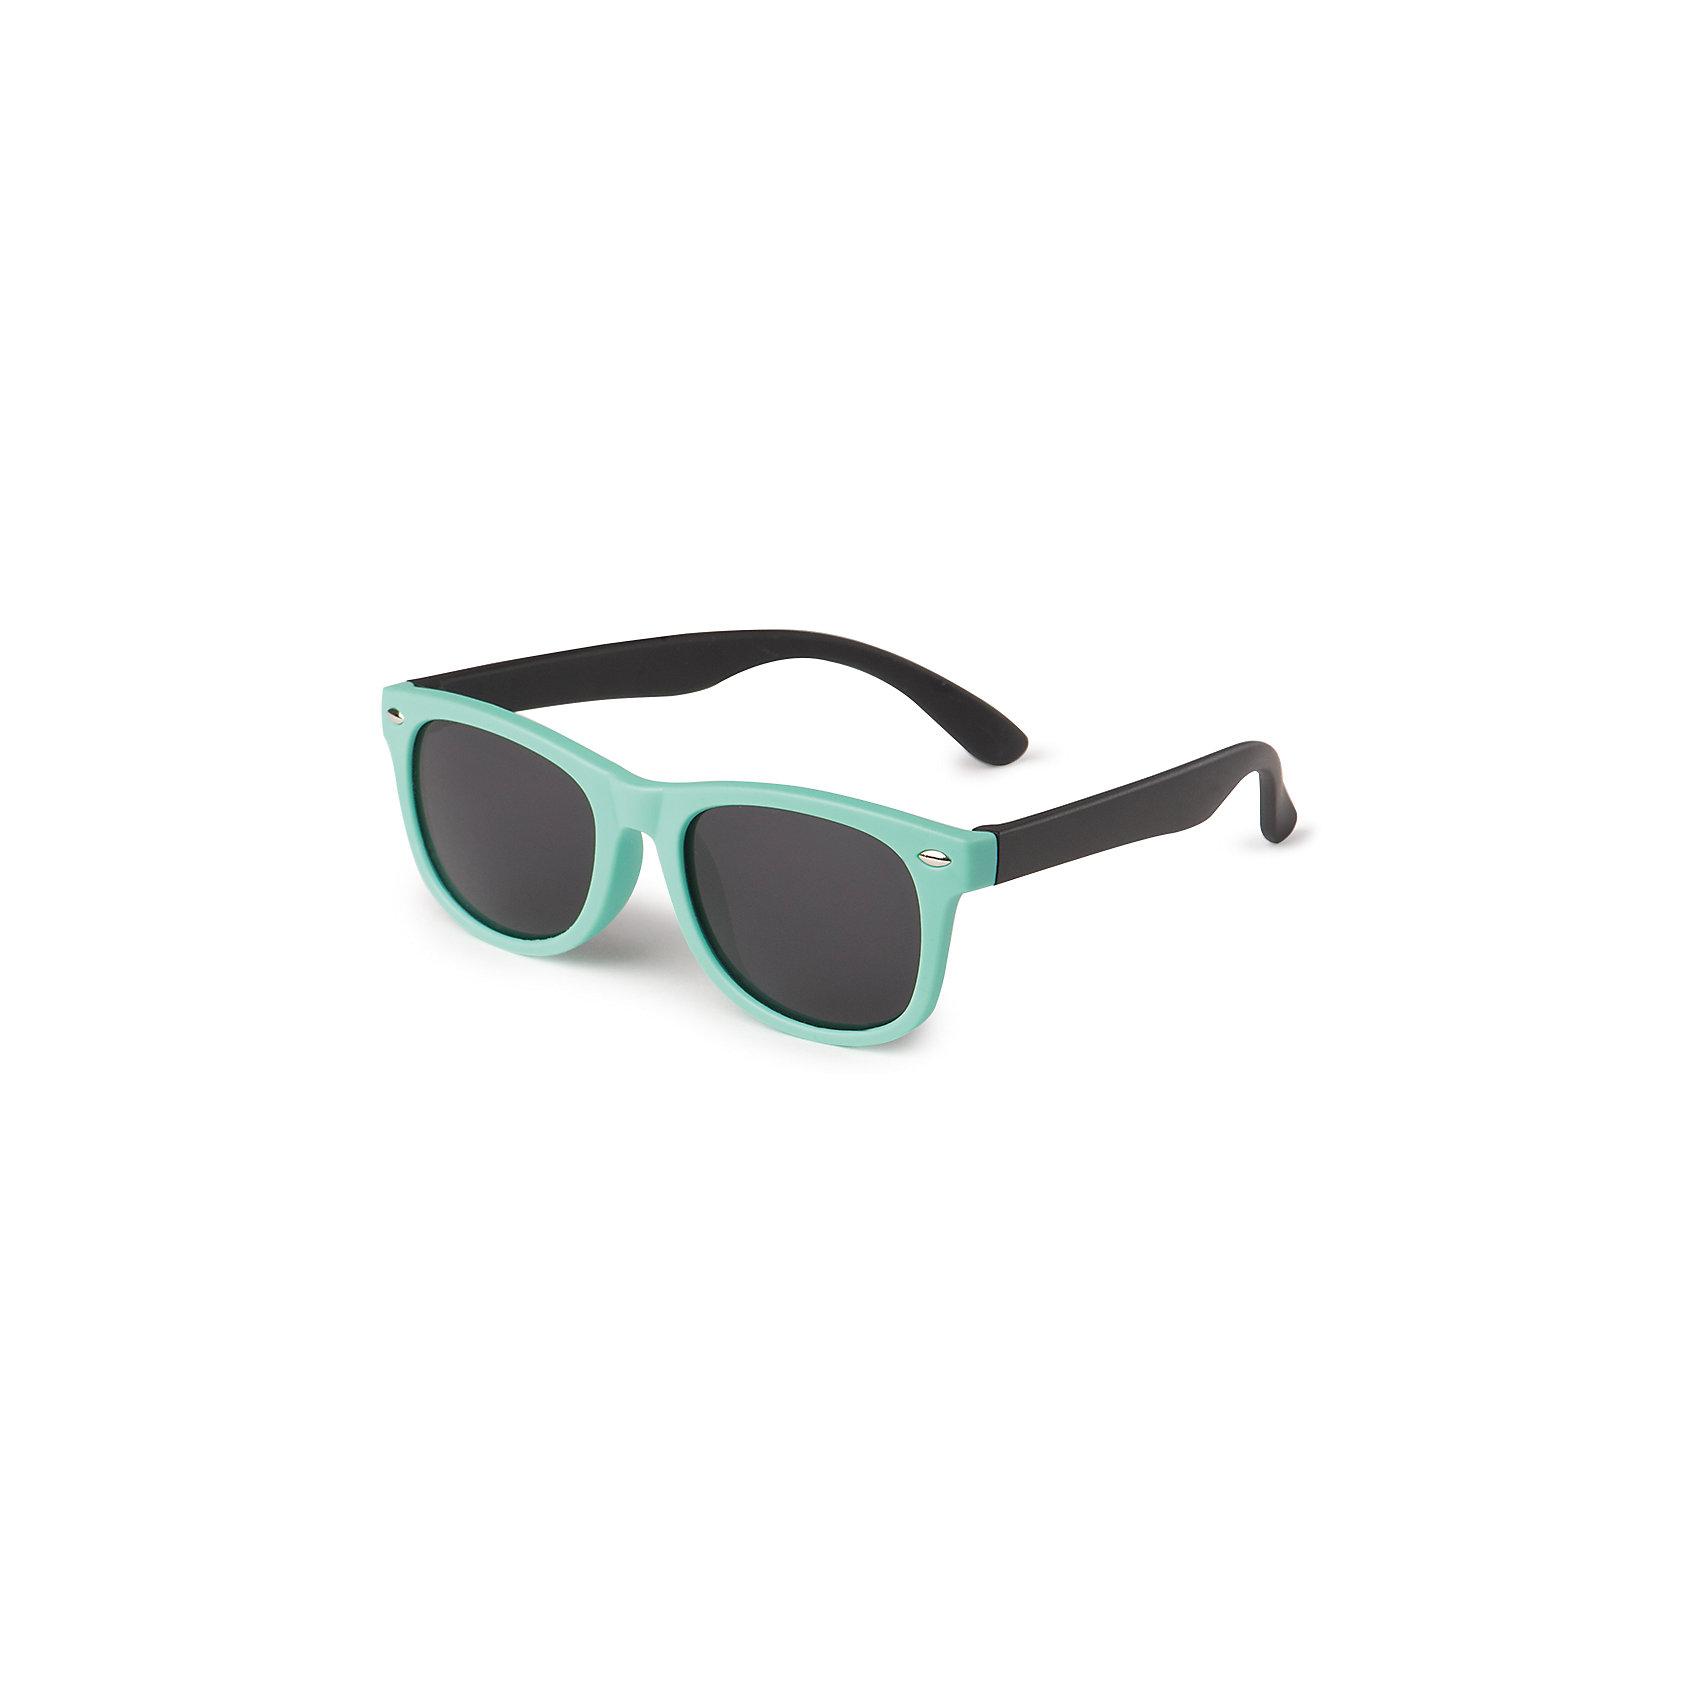 Очки солнцезащитные, Happy BabyСолнцезащитные очки<br>Солнцезащитные очки HBтм отличаются не только стильным дизайном, но и обеспечивают надёжную защиту от ультрафиолетового излучения. Стёкла очков имеют показатель UV400, что означает, что линзы максимально отфильтровывают ультрафиолетовые лучи любого спектра.<br><br>Ширина мм: 40<br>Глубина мм: 160<br>Высота мм: 50<br>Вес г: 33<br>Возраст от месяцев: 180<br>Возраст до месяцев: 60<br>Пол: Унисекс<br>Возраст: Детский<br>SKU: 6679333